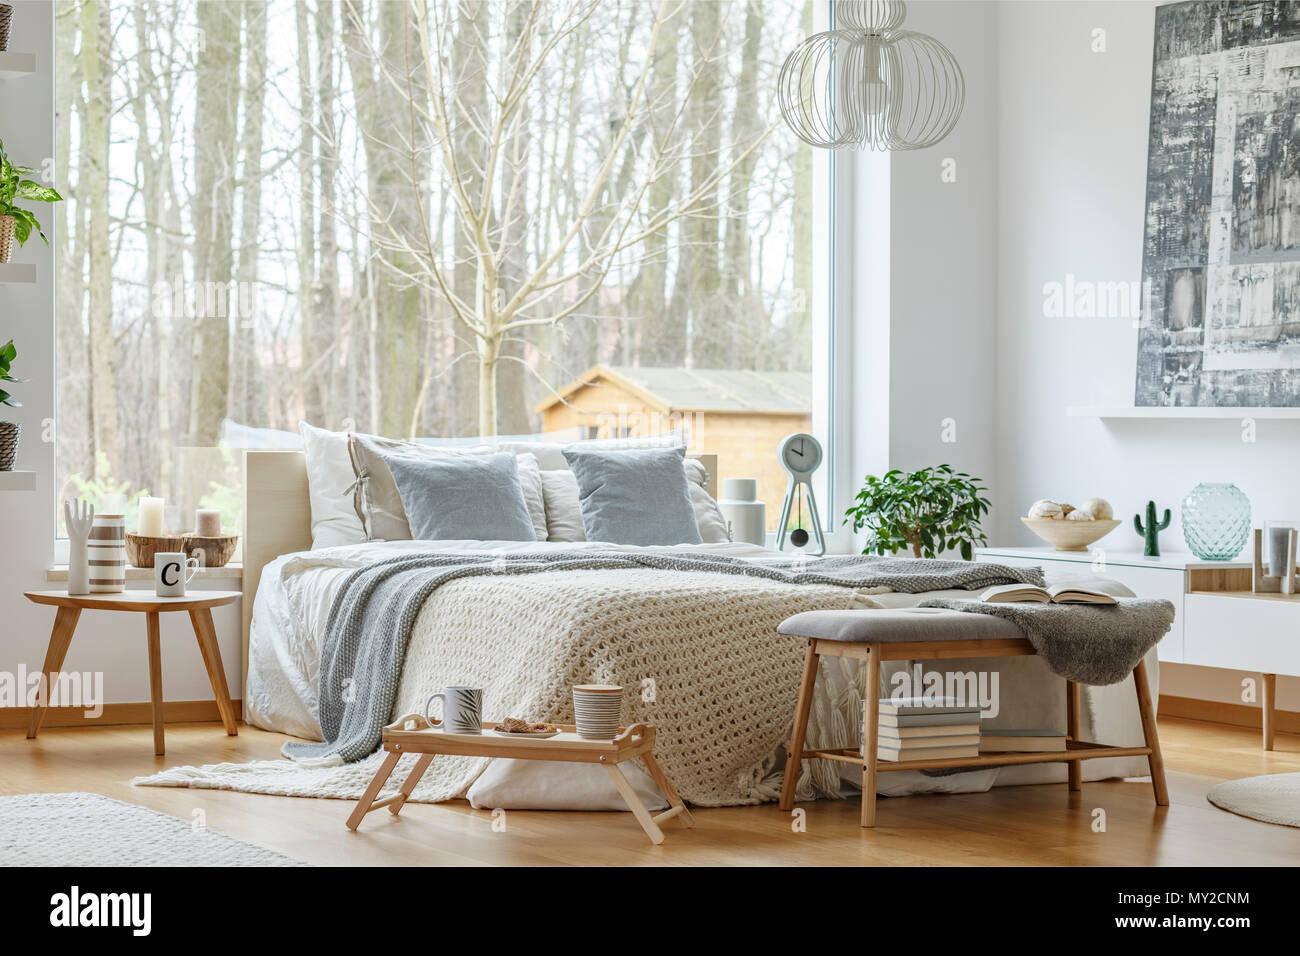 King Size Bett Mit Weißer Und Grauer Bettwäsche Große Fenster Und